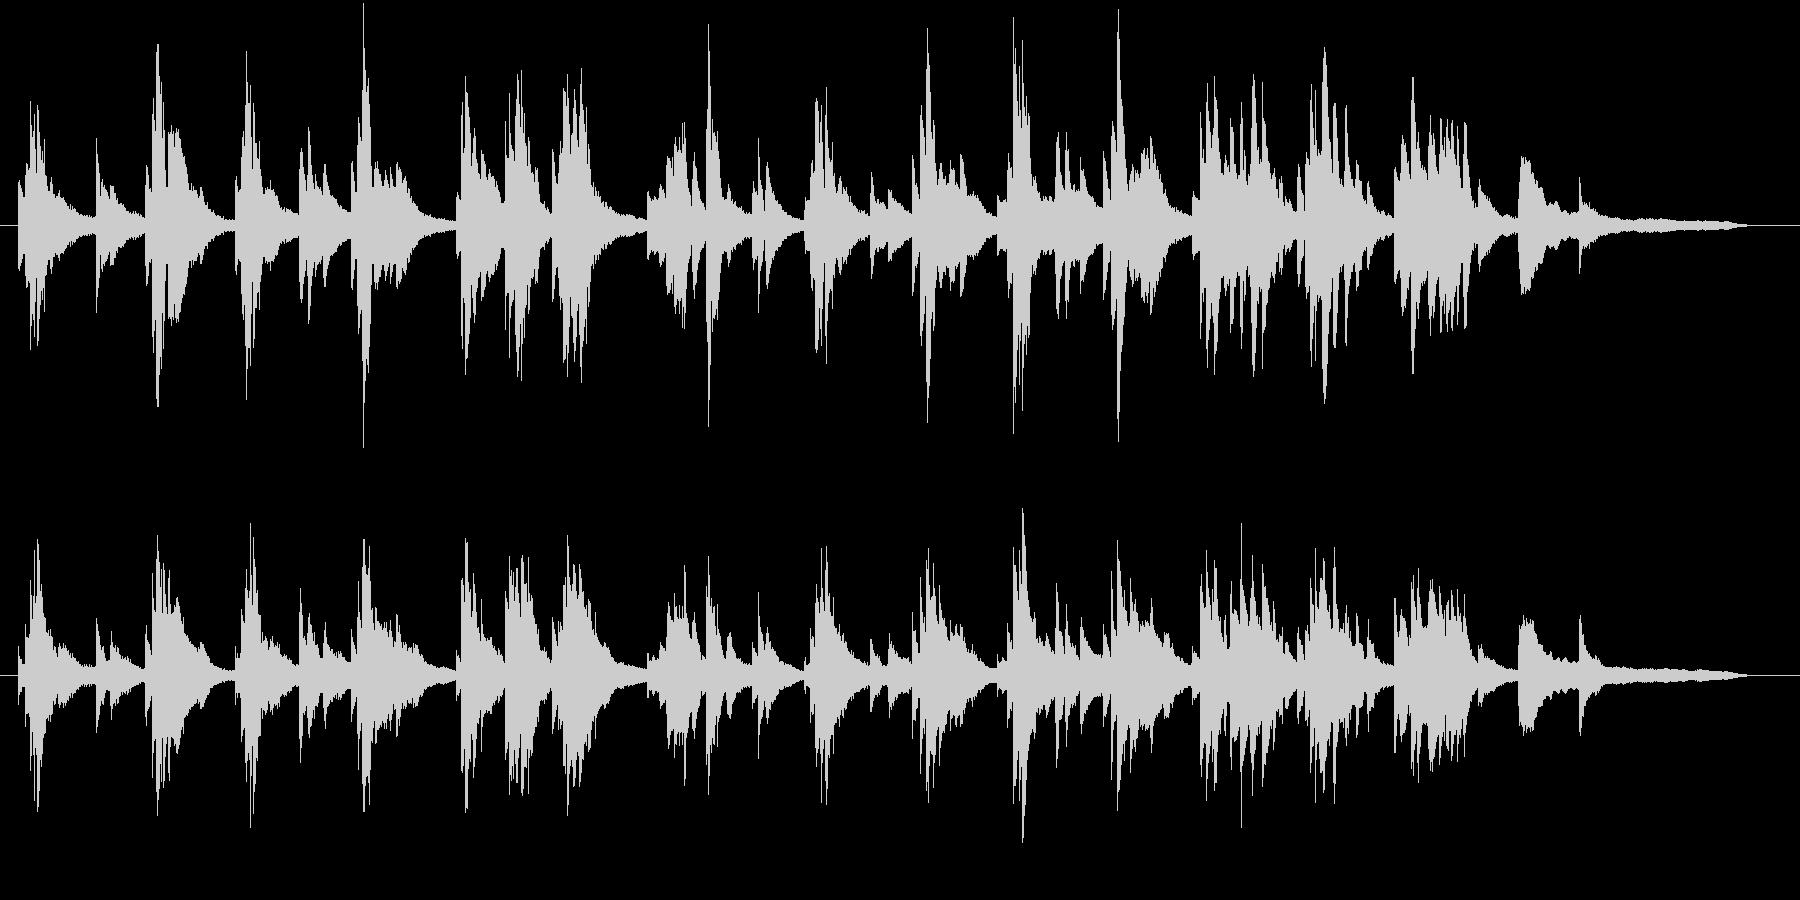 生ピアノ録音-ジャジーで美しいバラードの未再生の波形